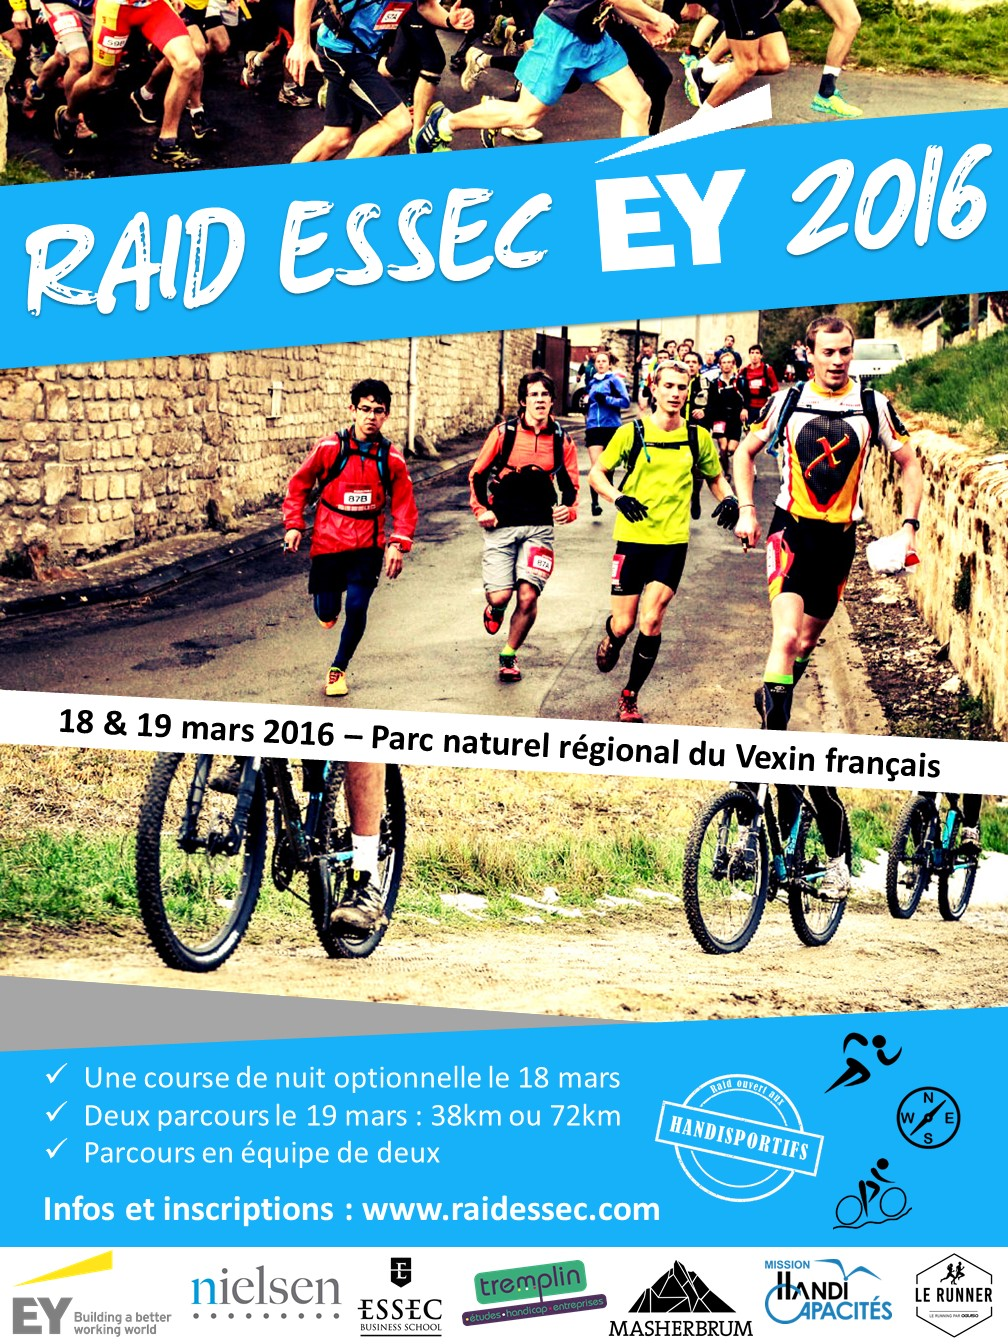 Le Raid ESSEC – EY revient les vendredi 18 et samedi 19 mars 2016 dans le Val D'oise